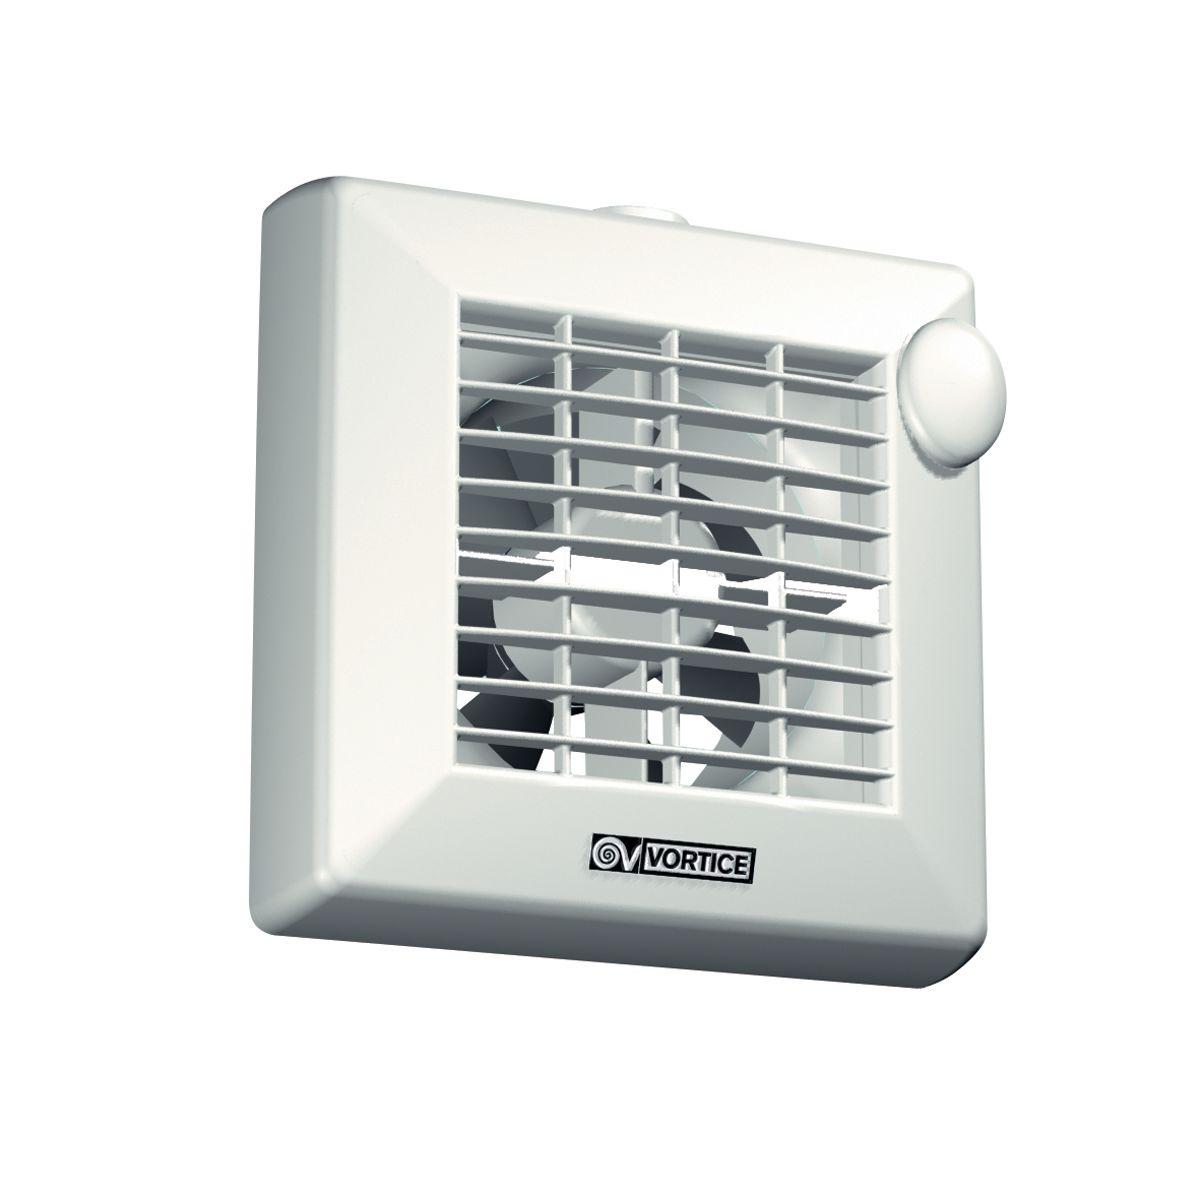 Aspiratore elicoidale 100 mm vortice punto m 100 4 prezzi e offerte online - Vortice aspiratori per cucina ...